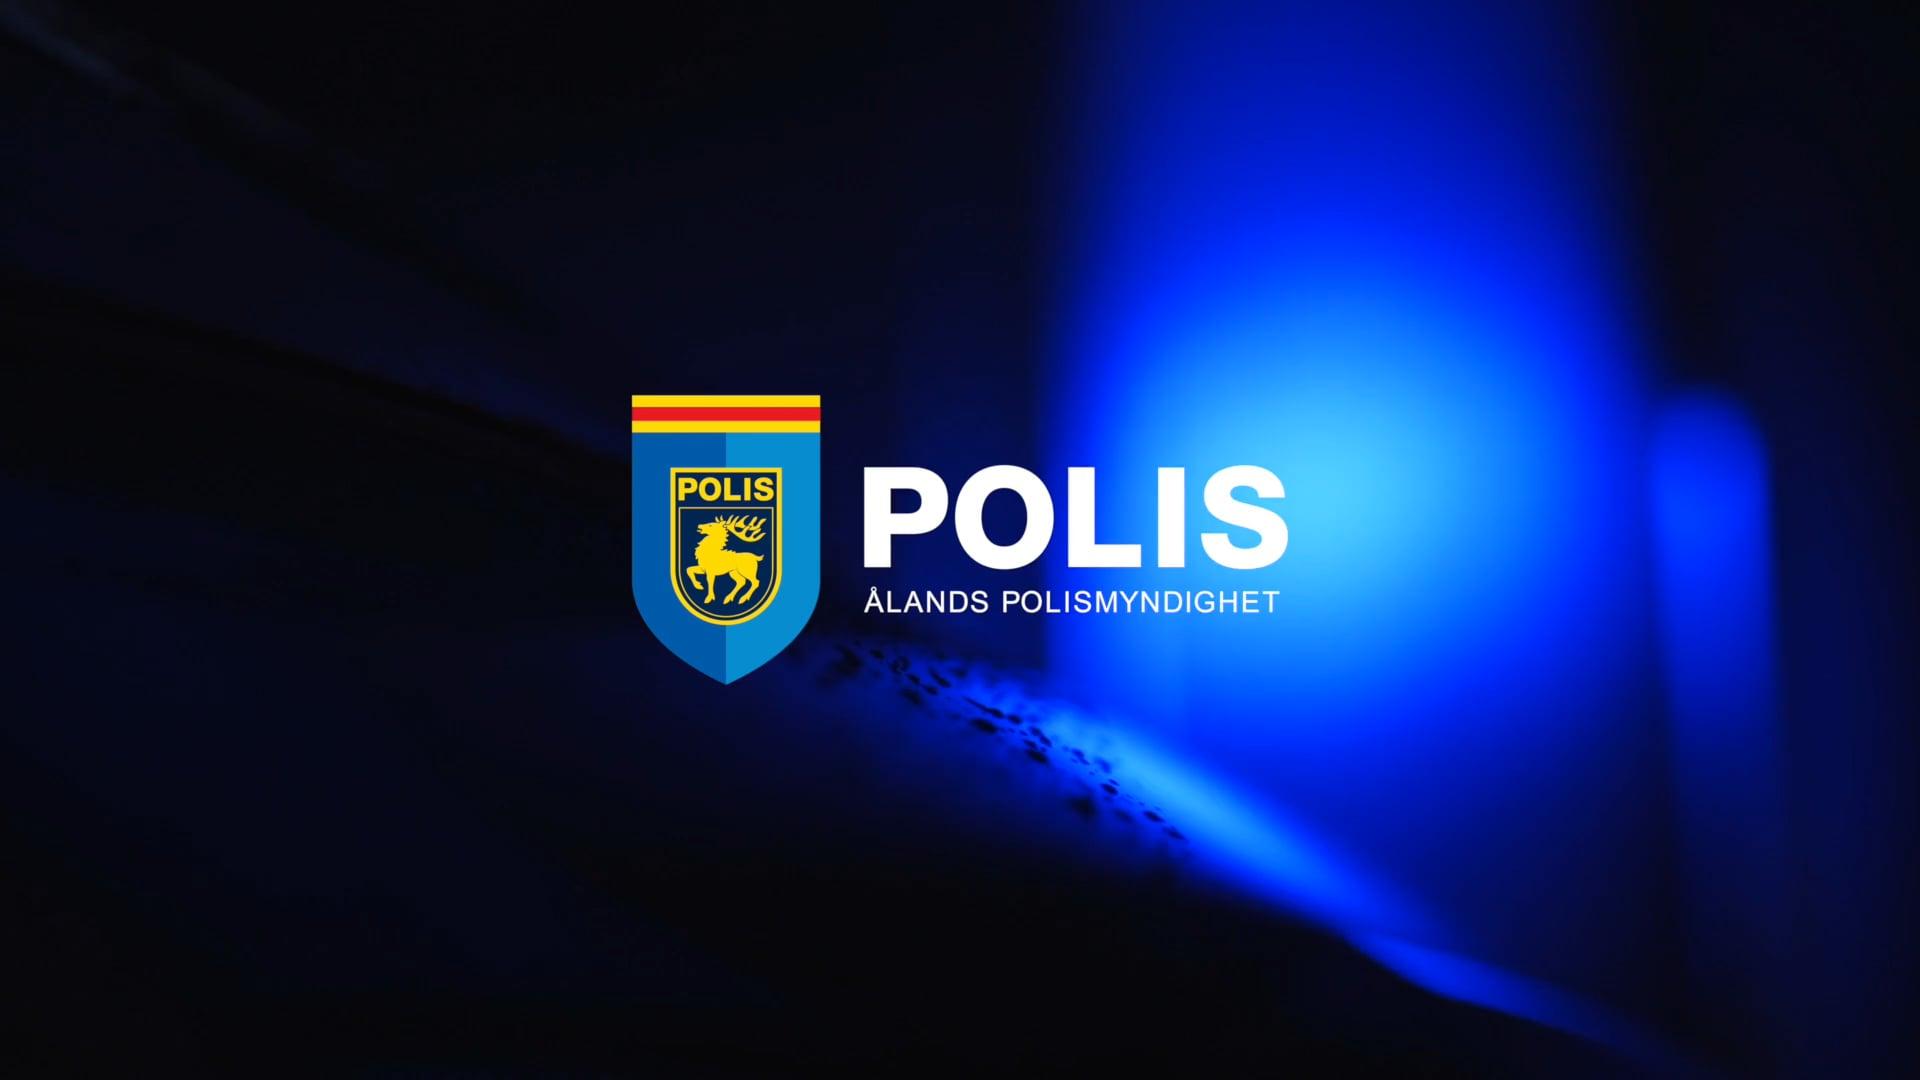 Ålands Polismyndighet